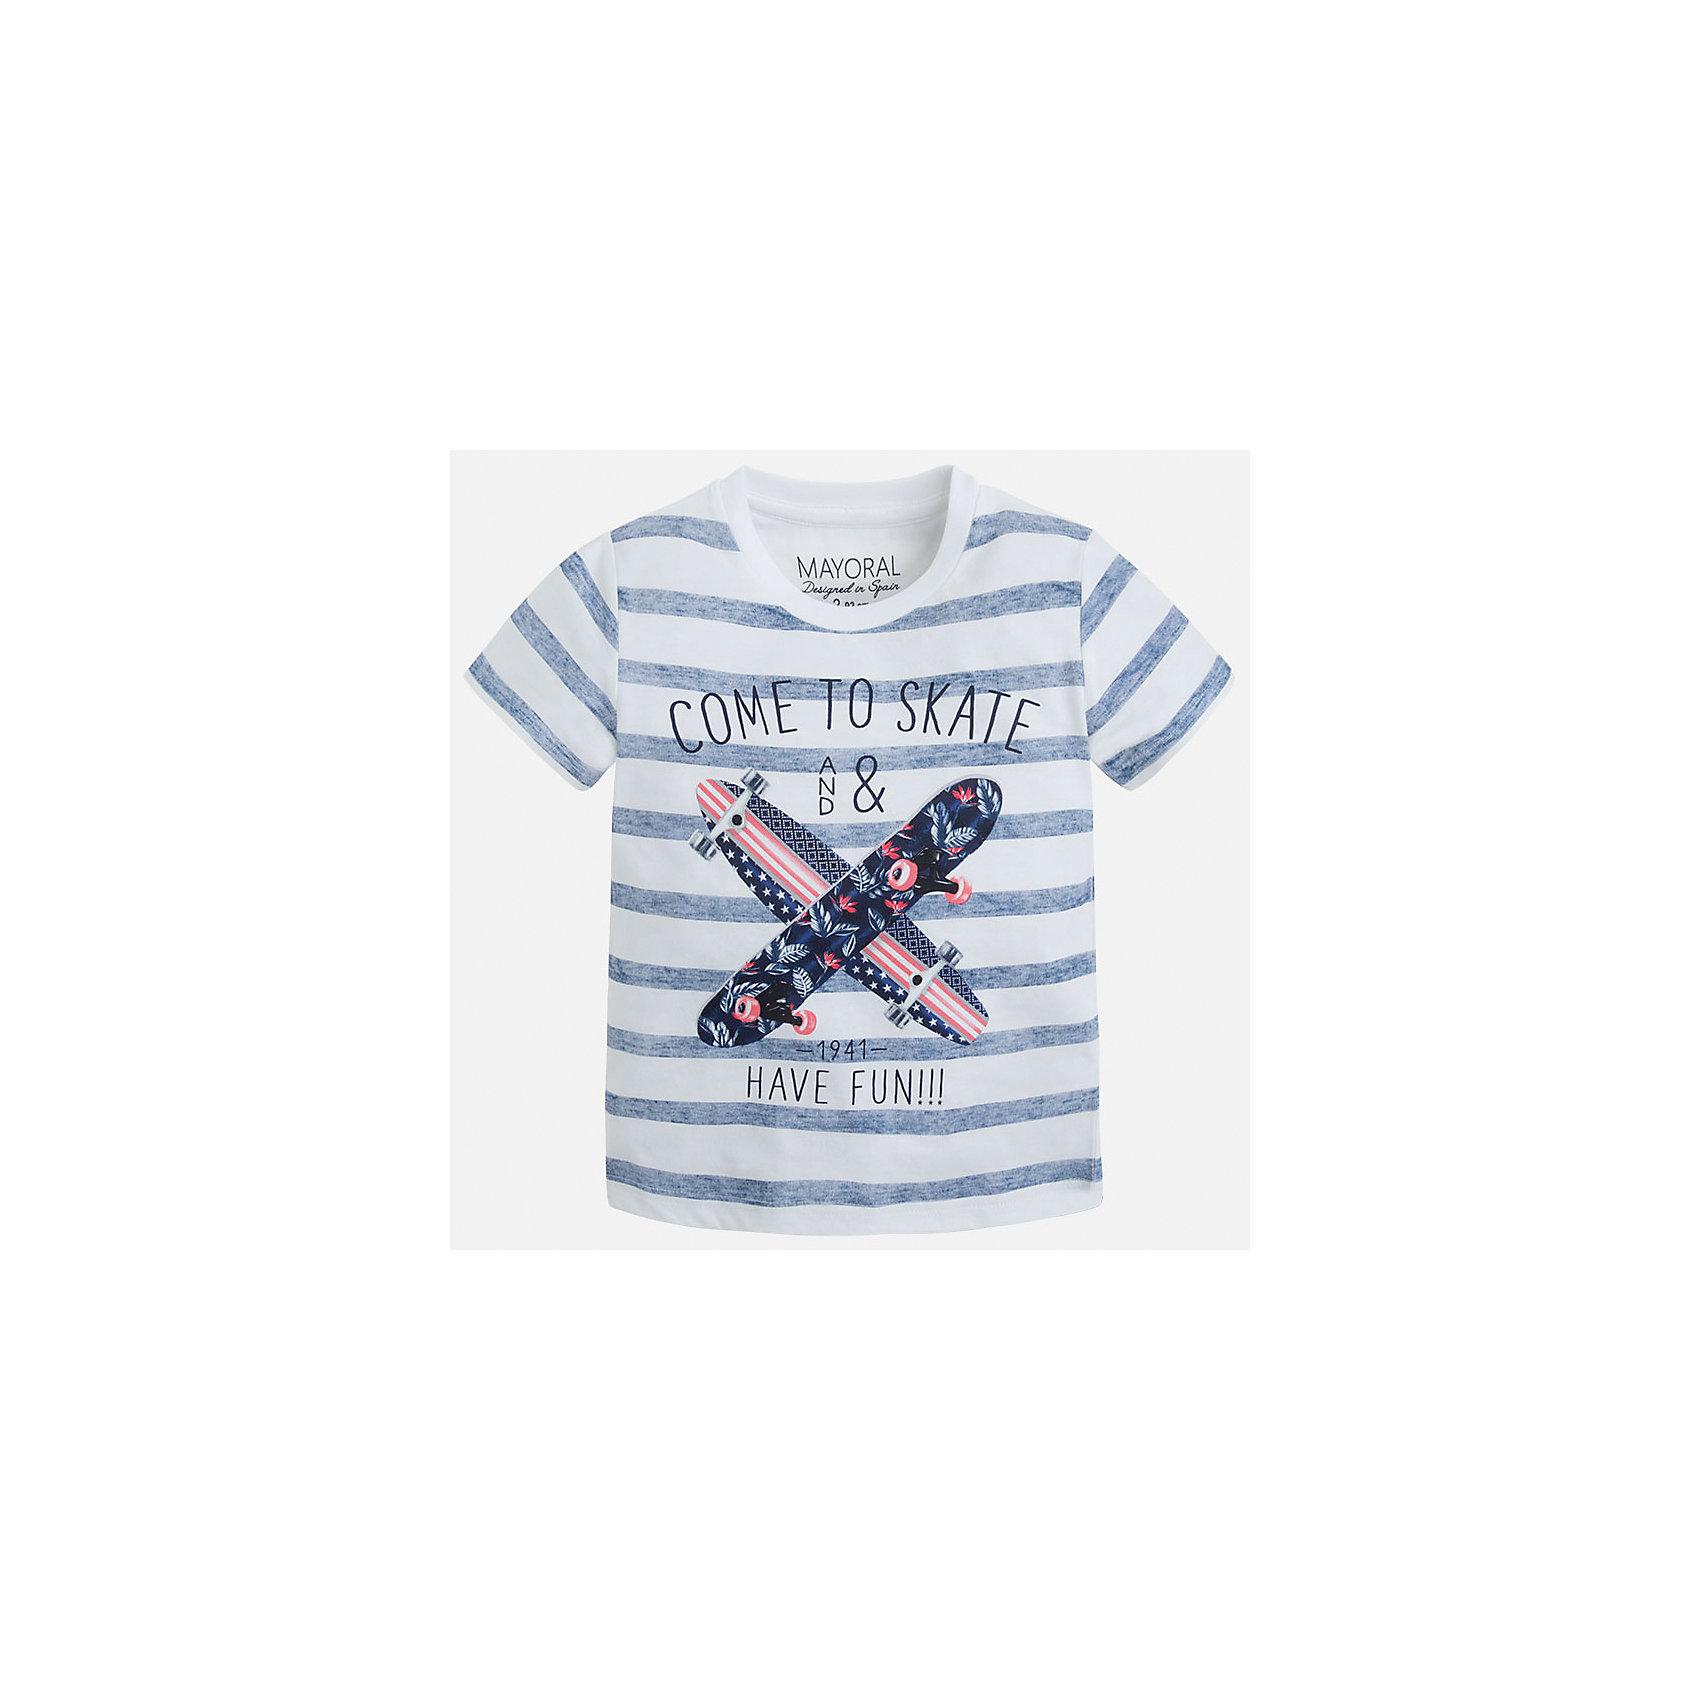 Футболка для мальчика MayoralПолоска<br>Характеристики товара:<br><br>• цвет: белый/синий<br>• состав: 100% хлопок<br>• круглый горловой вырез<br>• декорирована принтом<br>• короткие рукава<br>• отделка горловины<br>• страна бренда: Испания<br><br>Модная удобная футболка с принтом поможет разнообразить гардероб мальчика. Она отлично сочетается с брюками, шортами, джинсами. Универсальный крой и цвет позволяет подобрать к вещи низ разных расцветок. Практичное и стильное изделие! Хорошо смотрится и комфортно сидит на детях. В составе материала - только натуральный хлопок, гипоаллергенный, приятный на ощупь, дышащий. <br><br>Одежда, обувь и аксессуары от испанского бренда Mayoral полюбились детям и взрослым по всему миру. Модели этой марки - стильные и удобные. Для их производства используются только безопасные, качественные материалы и фурнитура. Порадуйте ребенка модными и красивыми вещами от Mayoral! <br><br>Футболку для мальчика от испанского бренда Mayoral (Майорал) можно купить в нашем интернет-магазине.<br><br>Ширина мм: 199<br>Глубина мм: 10<br>Высота мм: 161<br>Вес г: 151<br>Цвет: синий<br>Возраст от месяцев: 36<br>Возраст до месяцев: 48<br>Пол: Мужской<br>Возраст: Детский<br>Размер: 104,92,98,110,116,122,128,134<br>SKU: 5279863